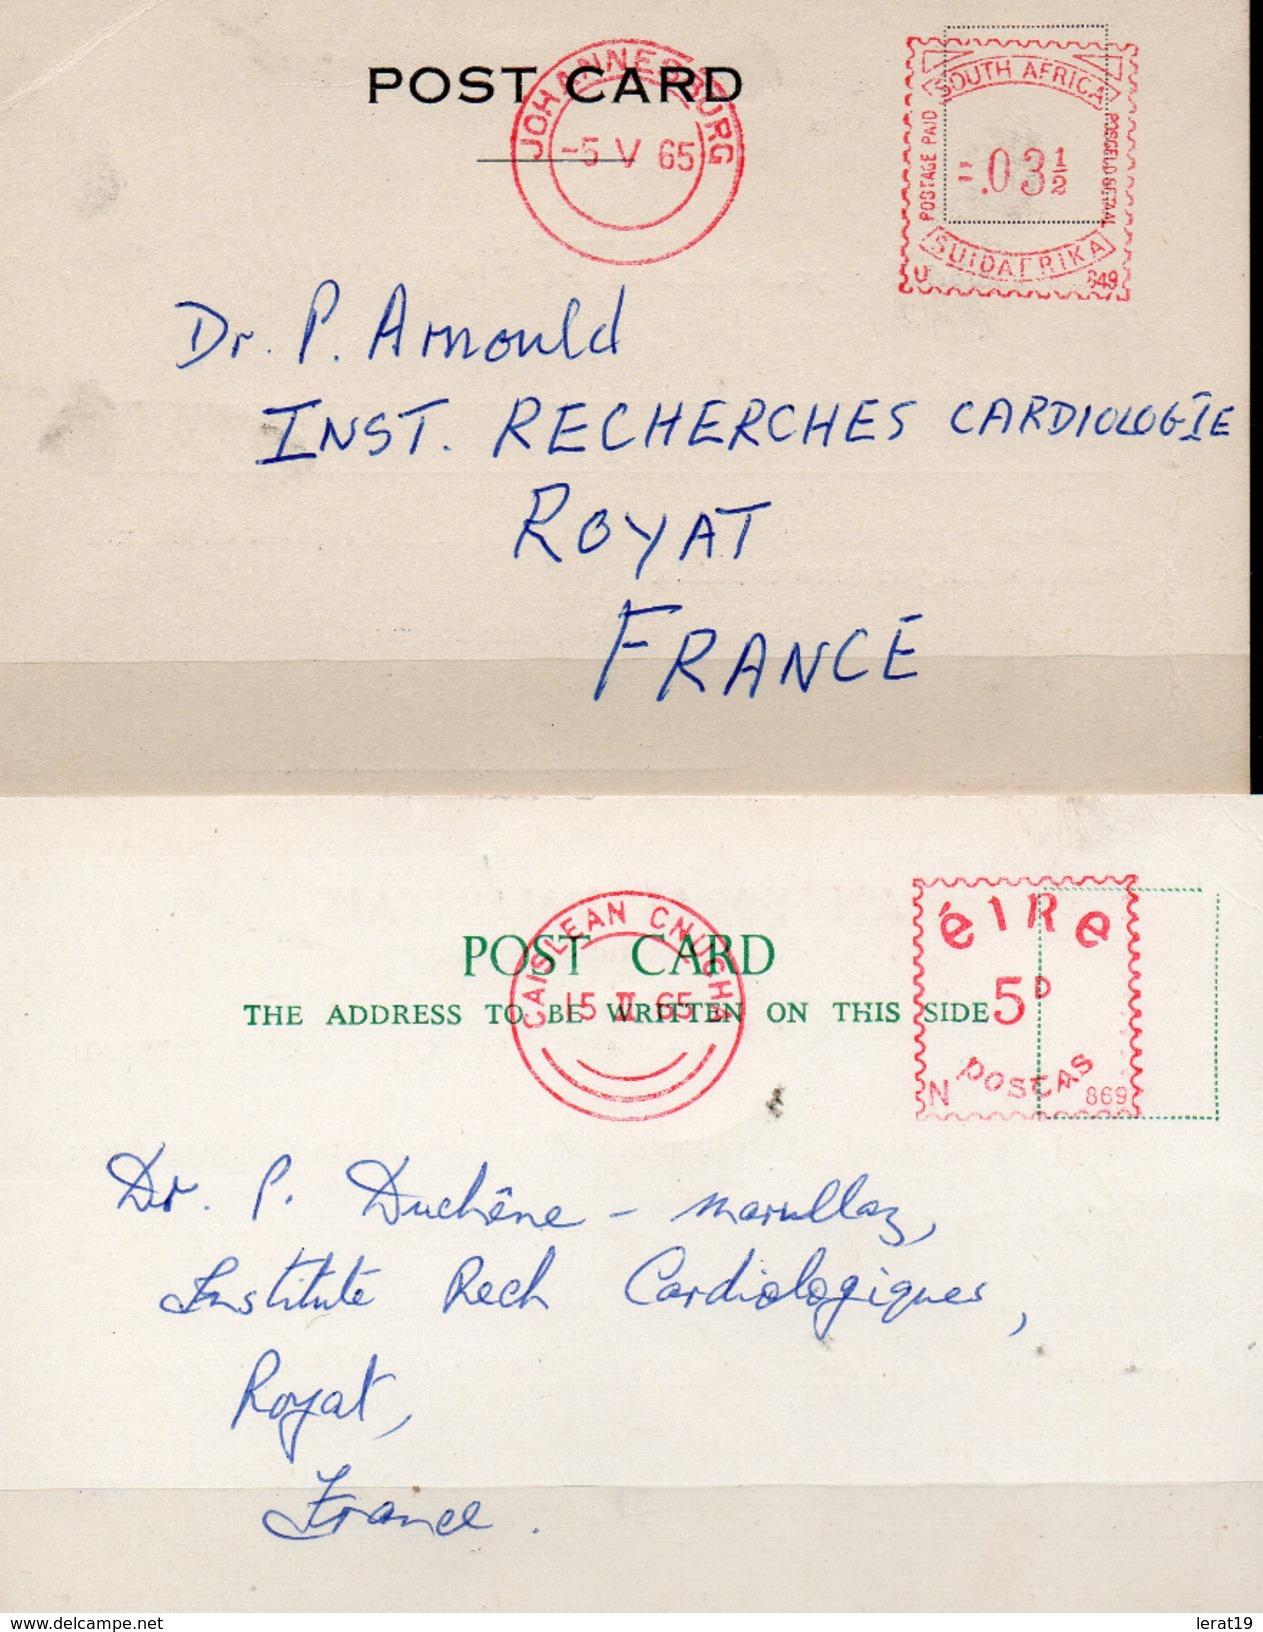 VGNETTES D'AFFRANCHISSEMENT...2 CARTES..1..AFRIQUE DU SUD ET 1 IRLANDE - Afrique Du Sud (1961-...)